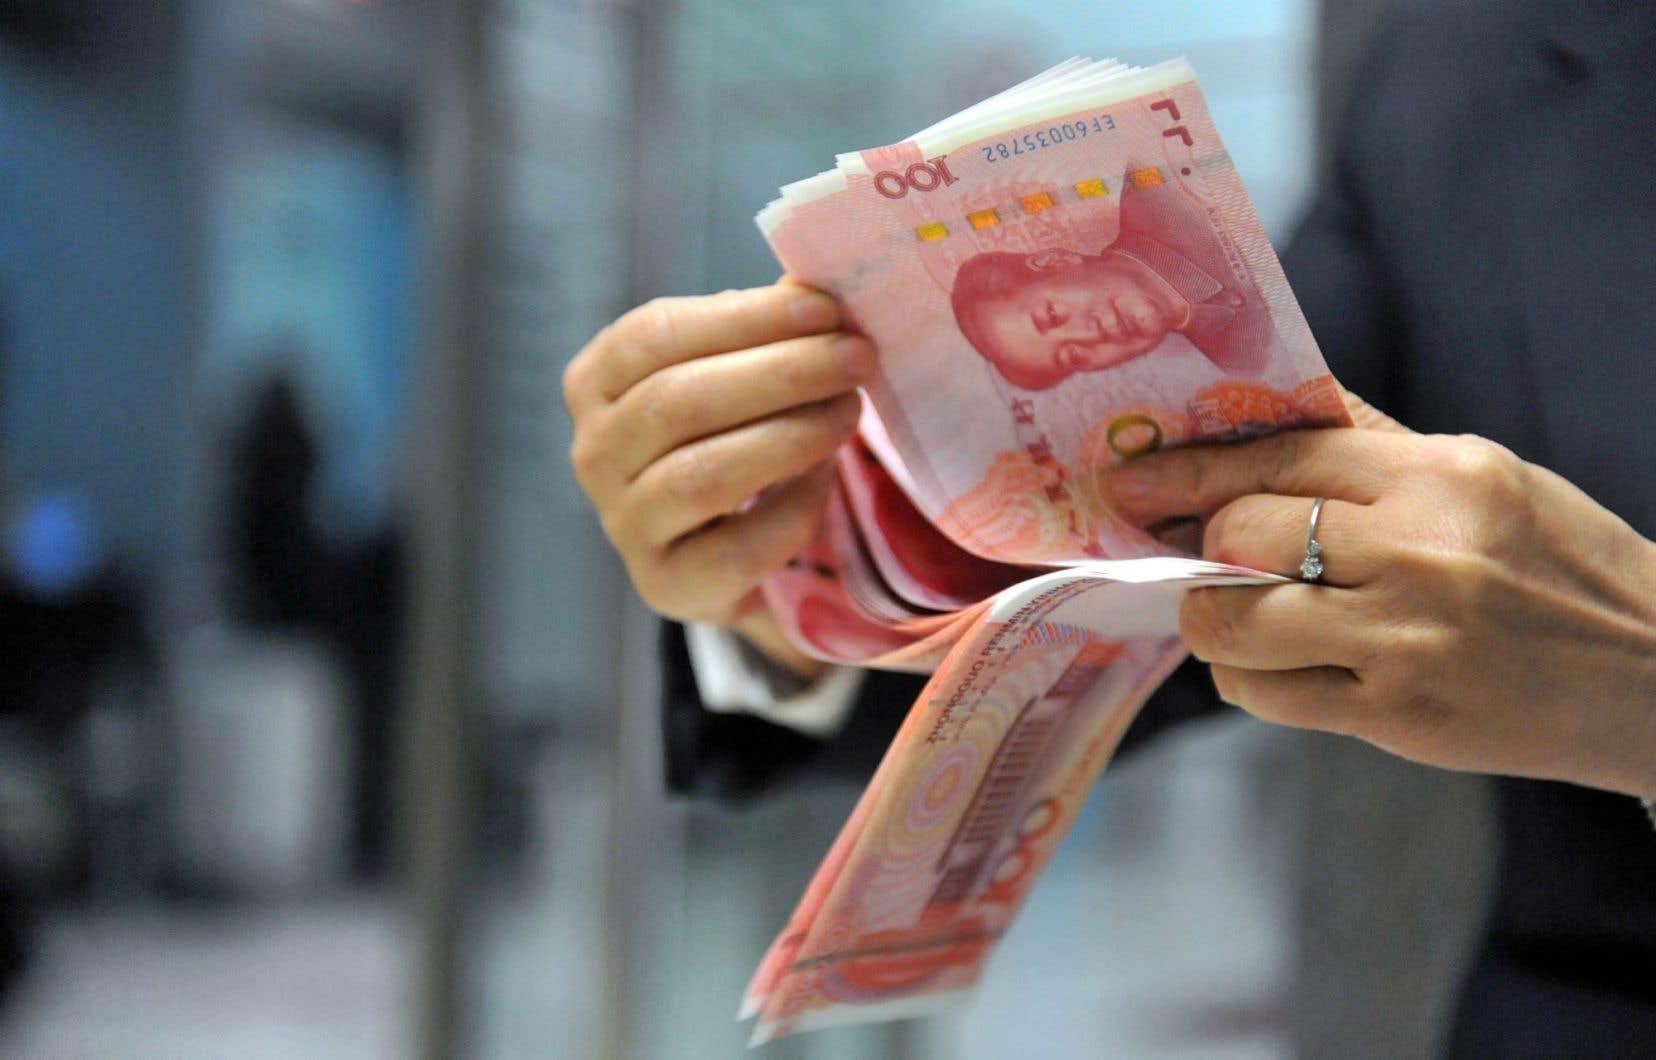 L'évolution du yuan reste strictement encadrée par les autorités chinoises, et l'idée qu'il soit reconnu « librement utilisable » ne fait pas l'unanimité.